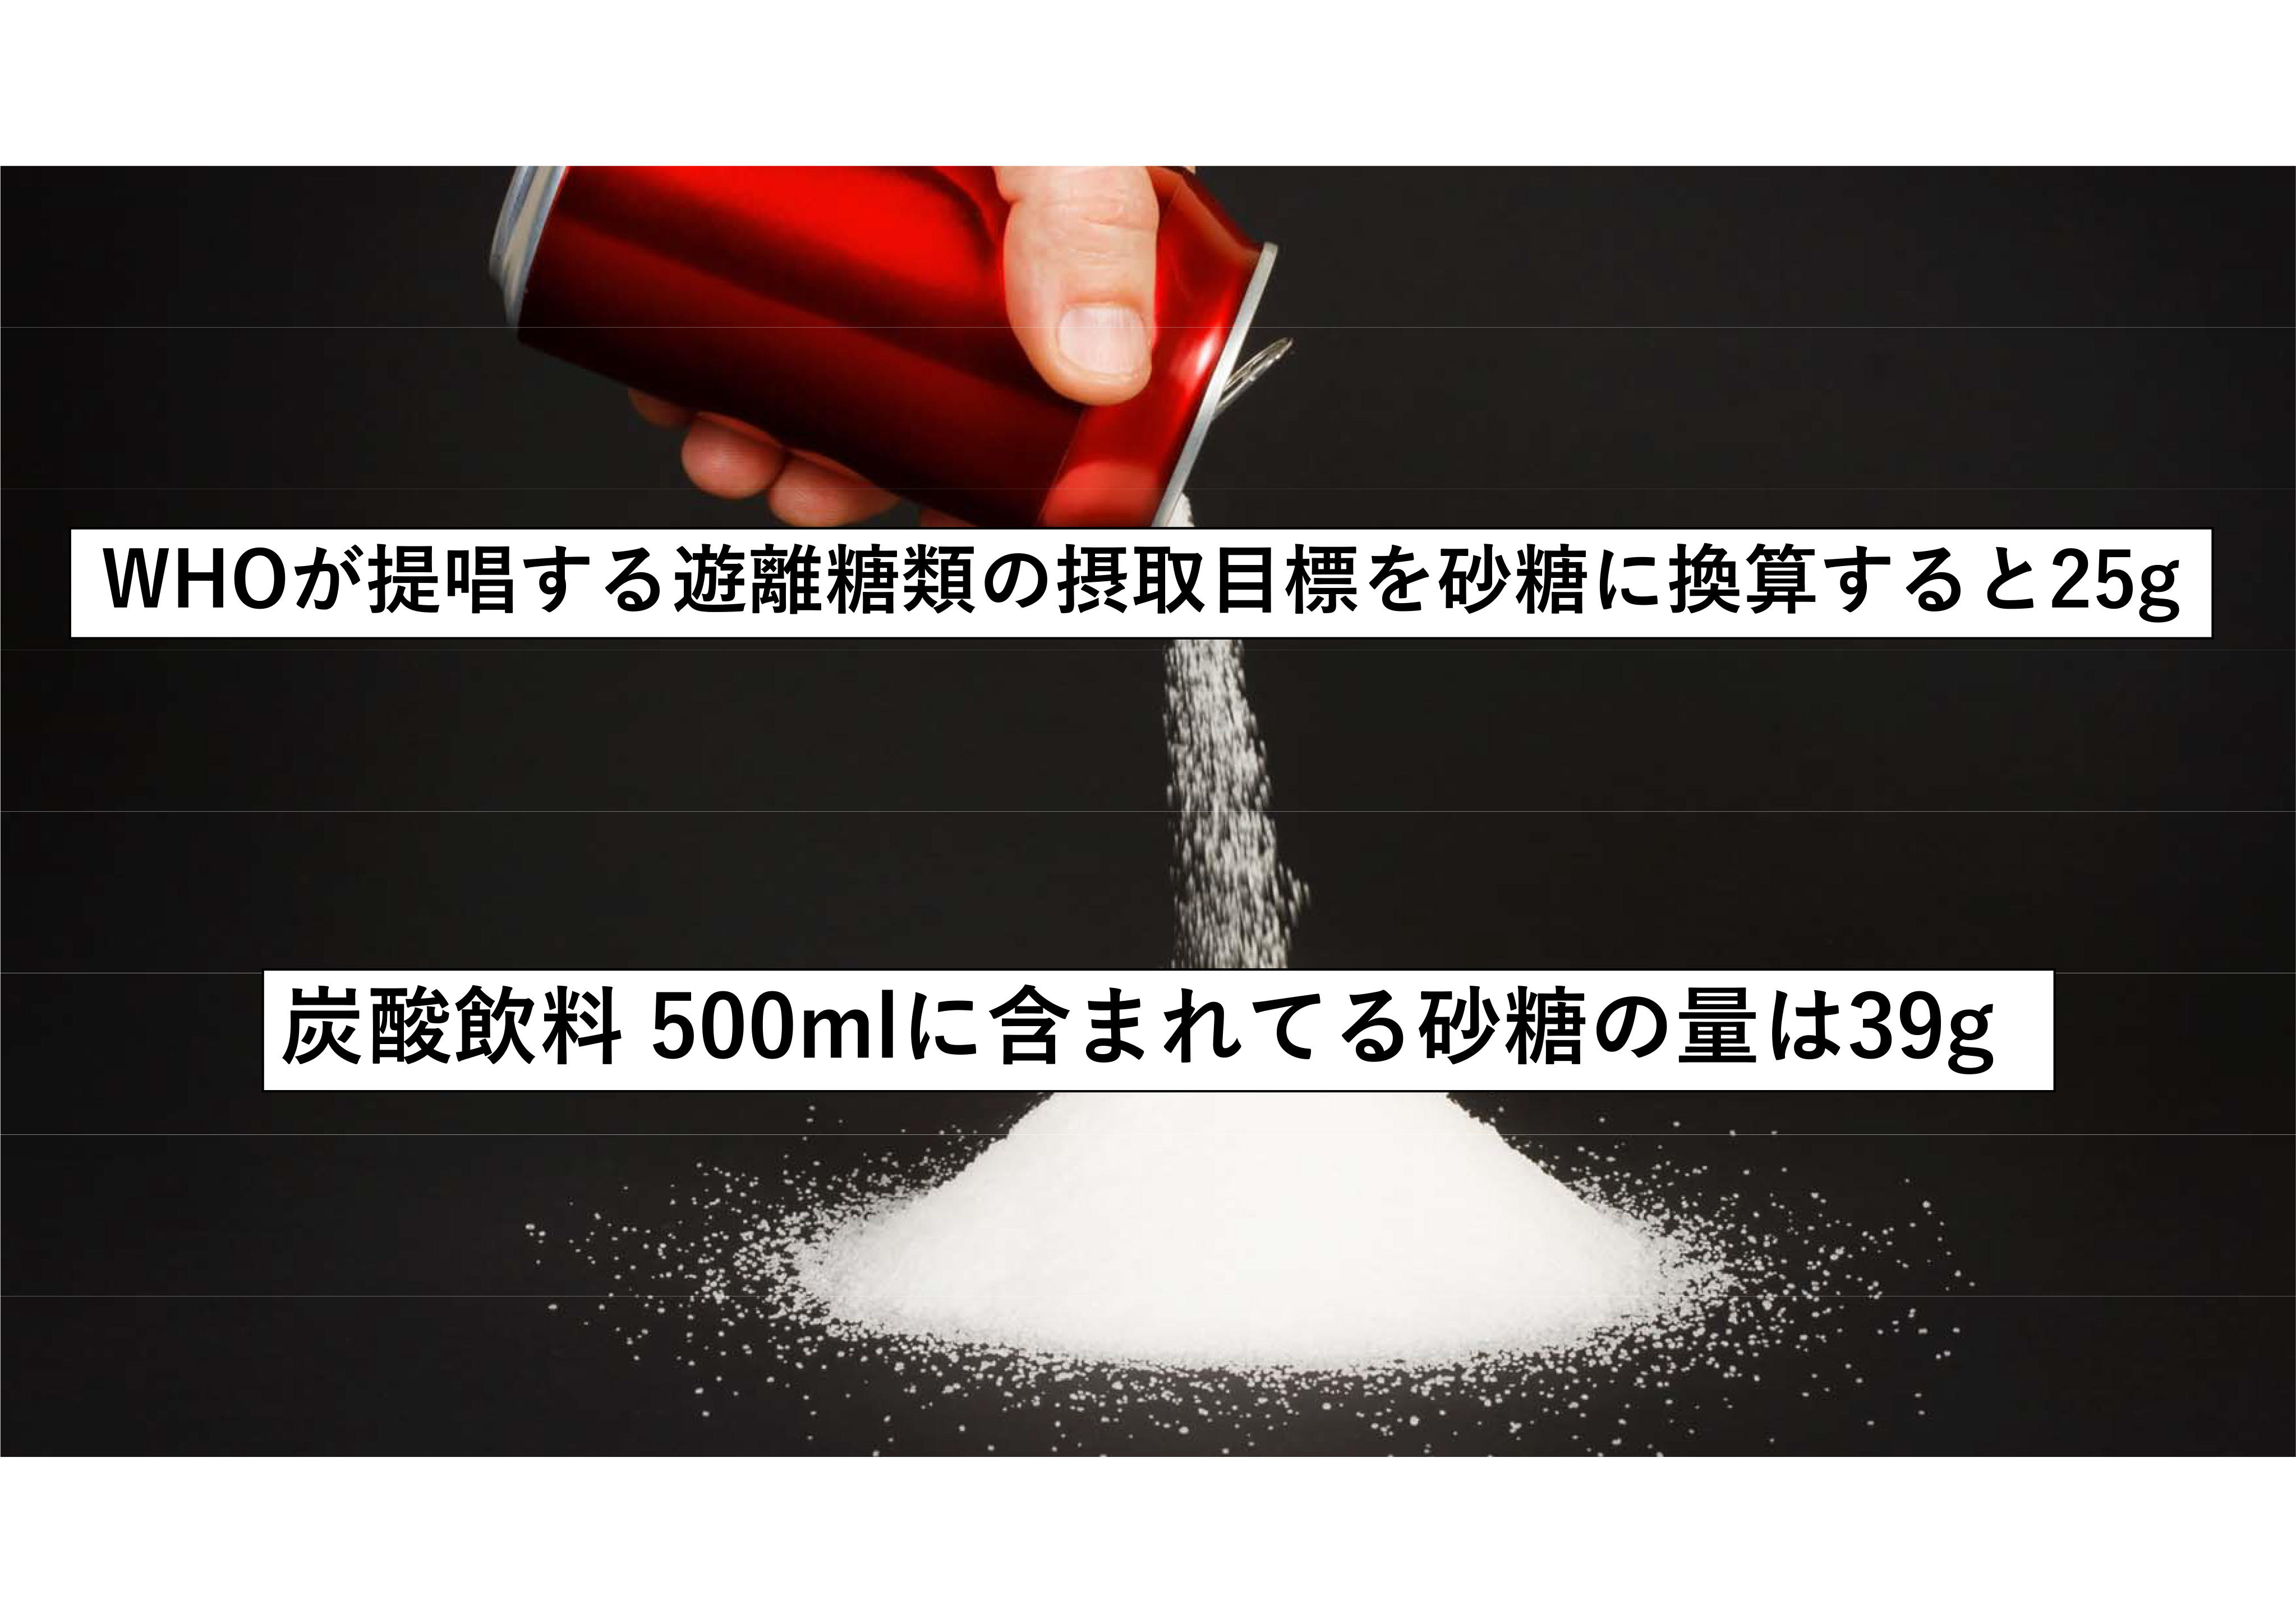 http://blogs.itmedia.co.jp/yasusasaki/c16faf178e03c965281df70c3421e93b72e6c655.jpg